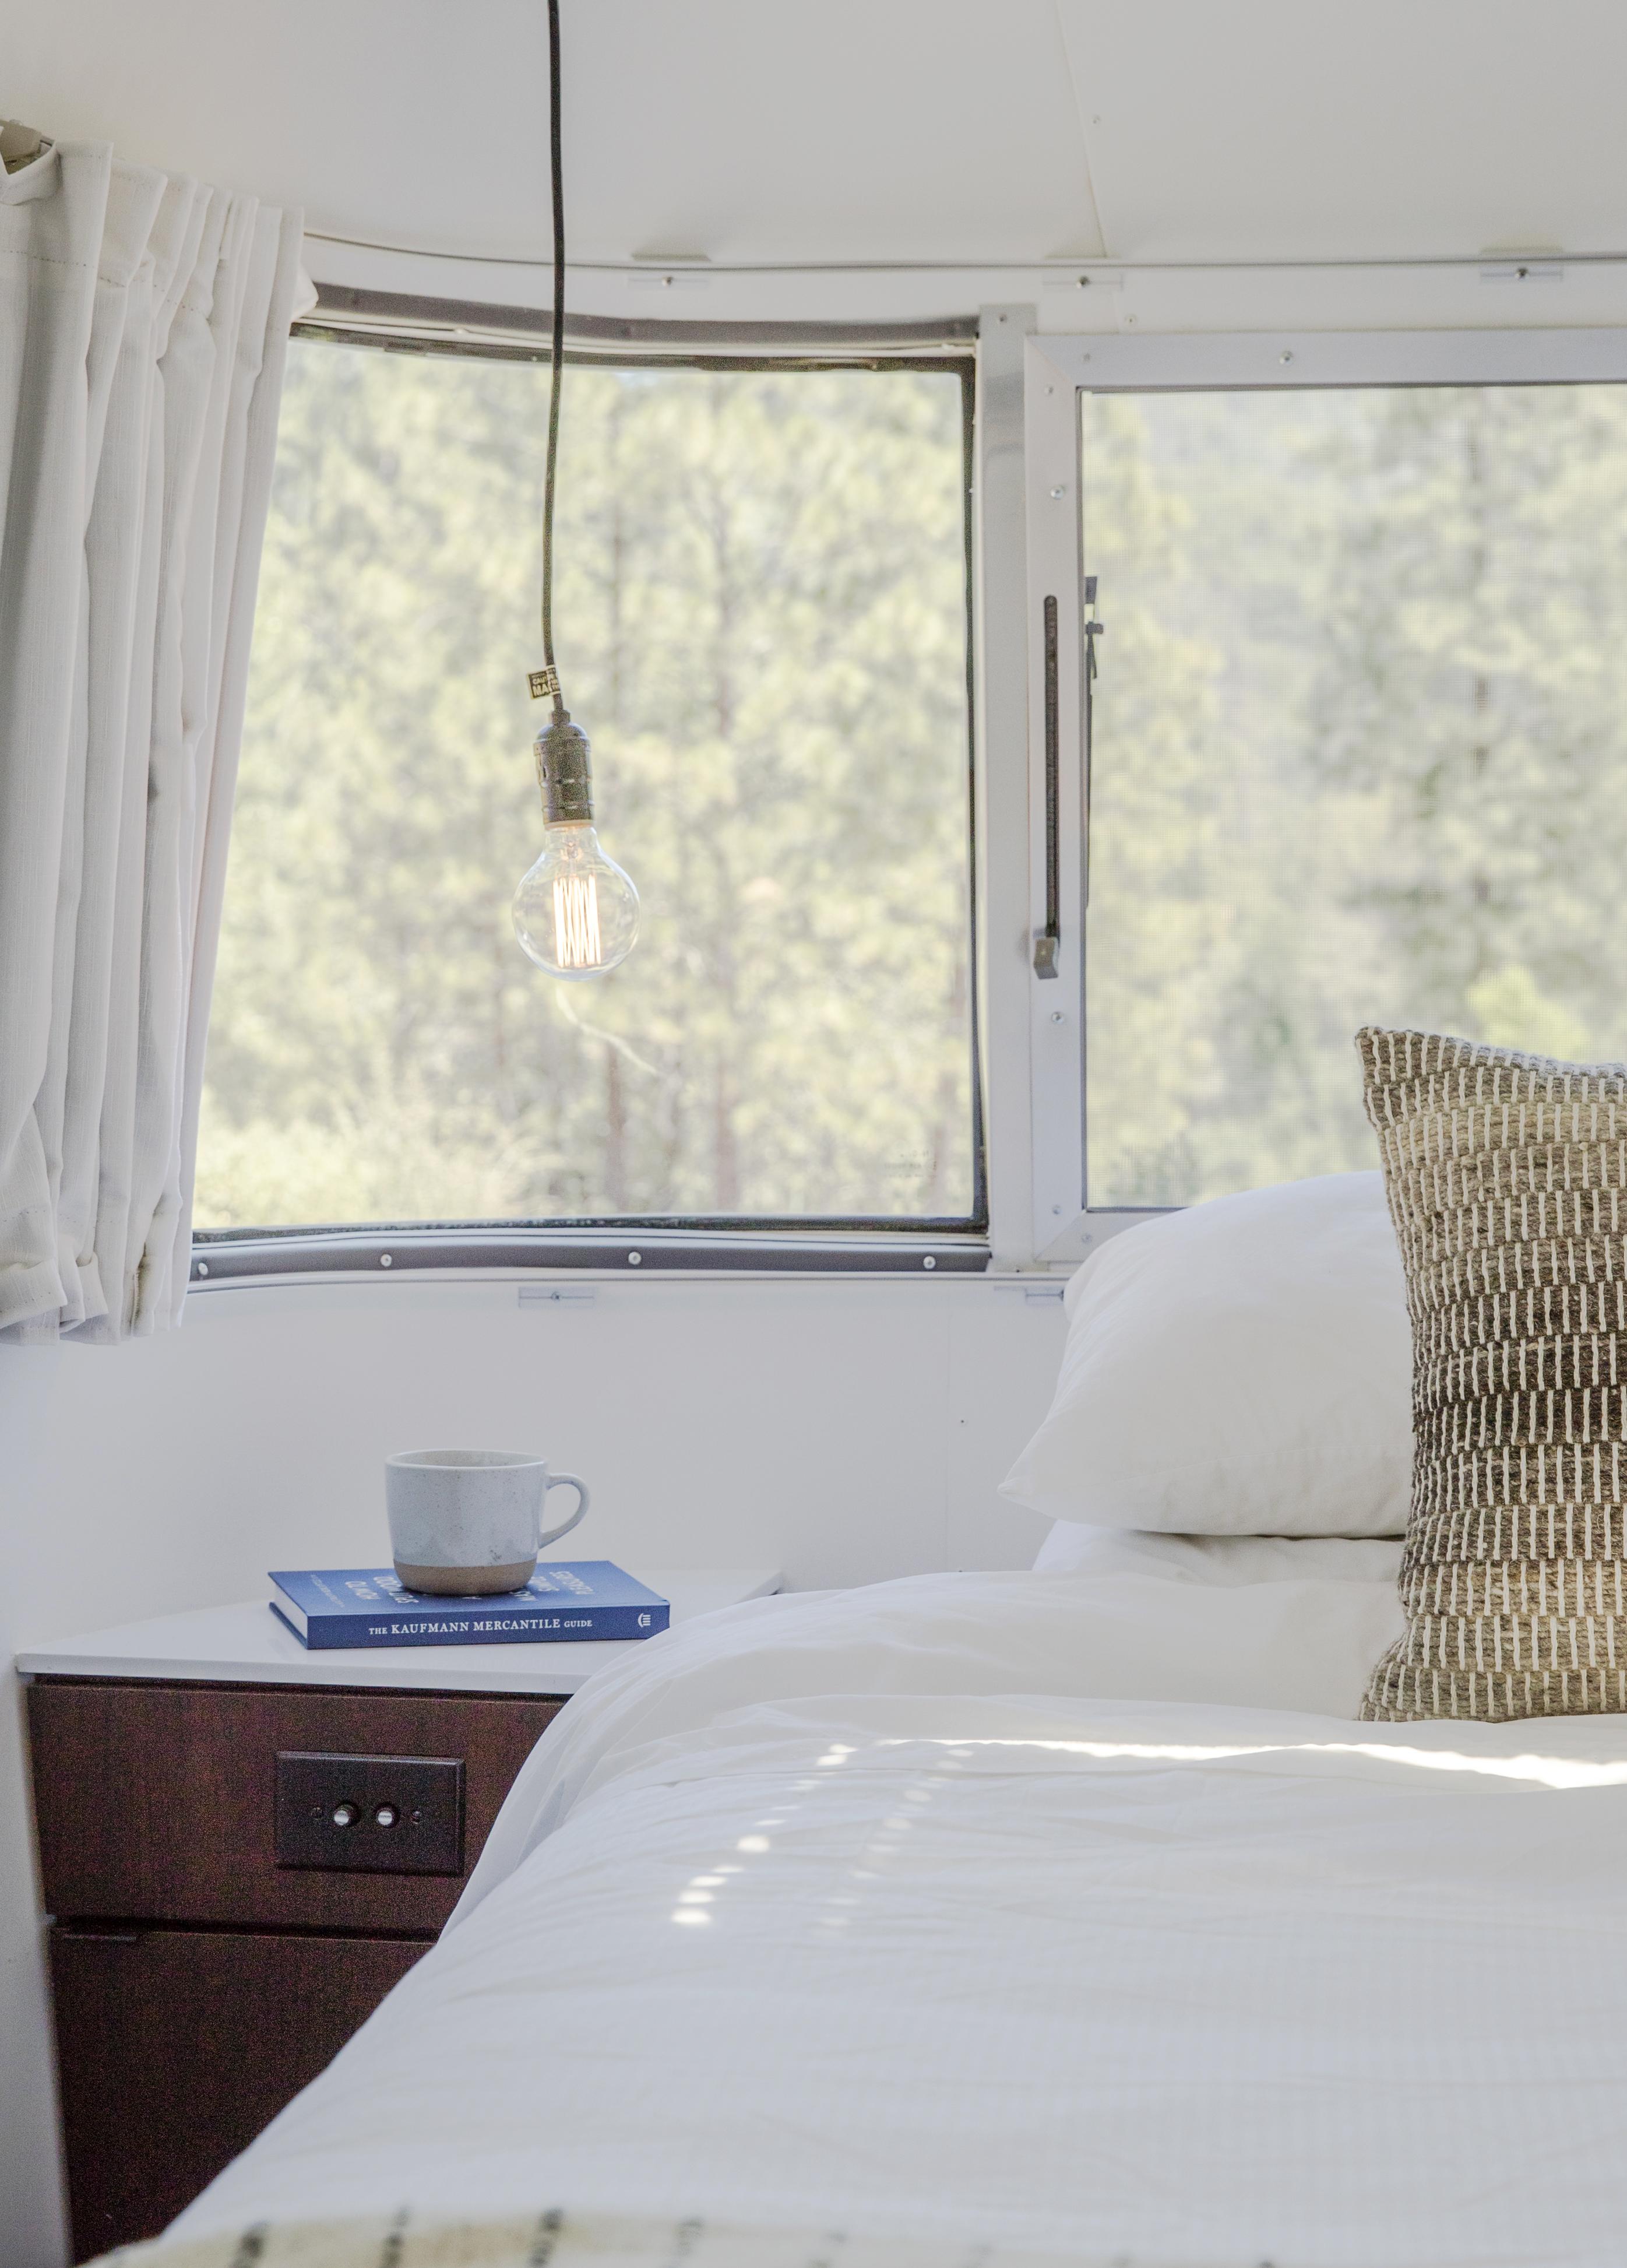 Autopark Airstream trailer bedroom